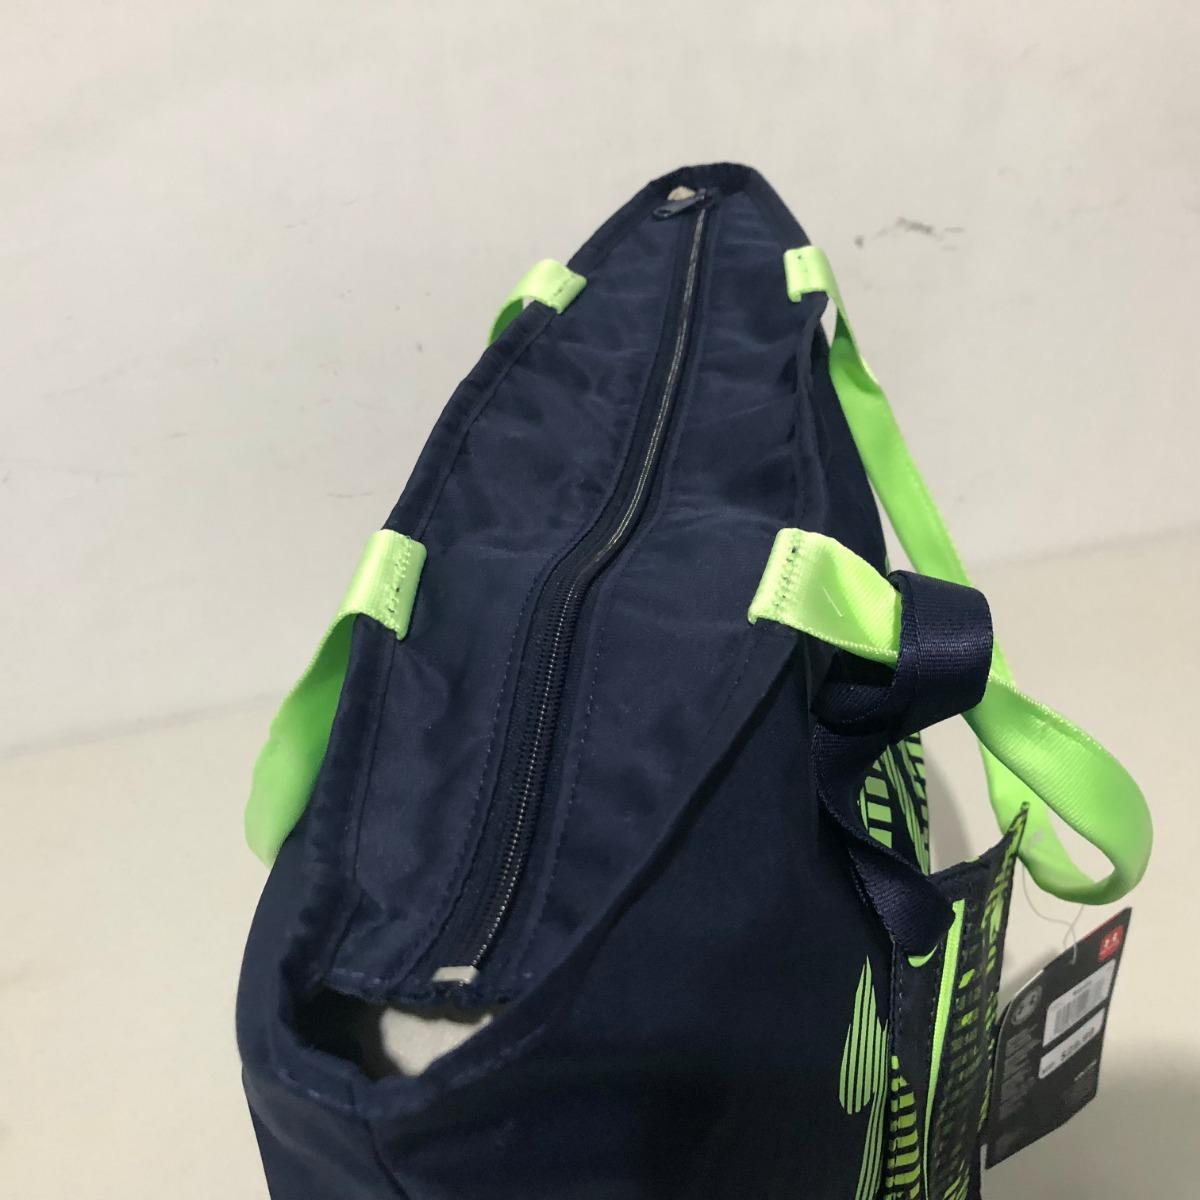 356698050bd Bolsa Tote Deportiva Under Armour 100% Original Azul verde F ...